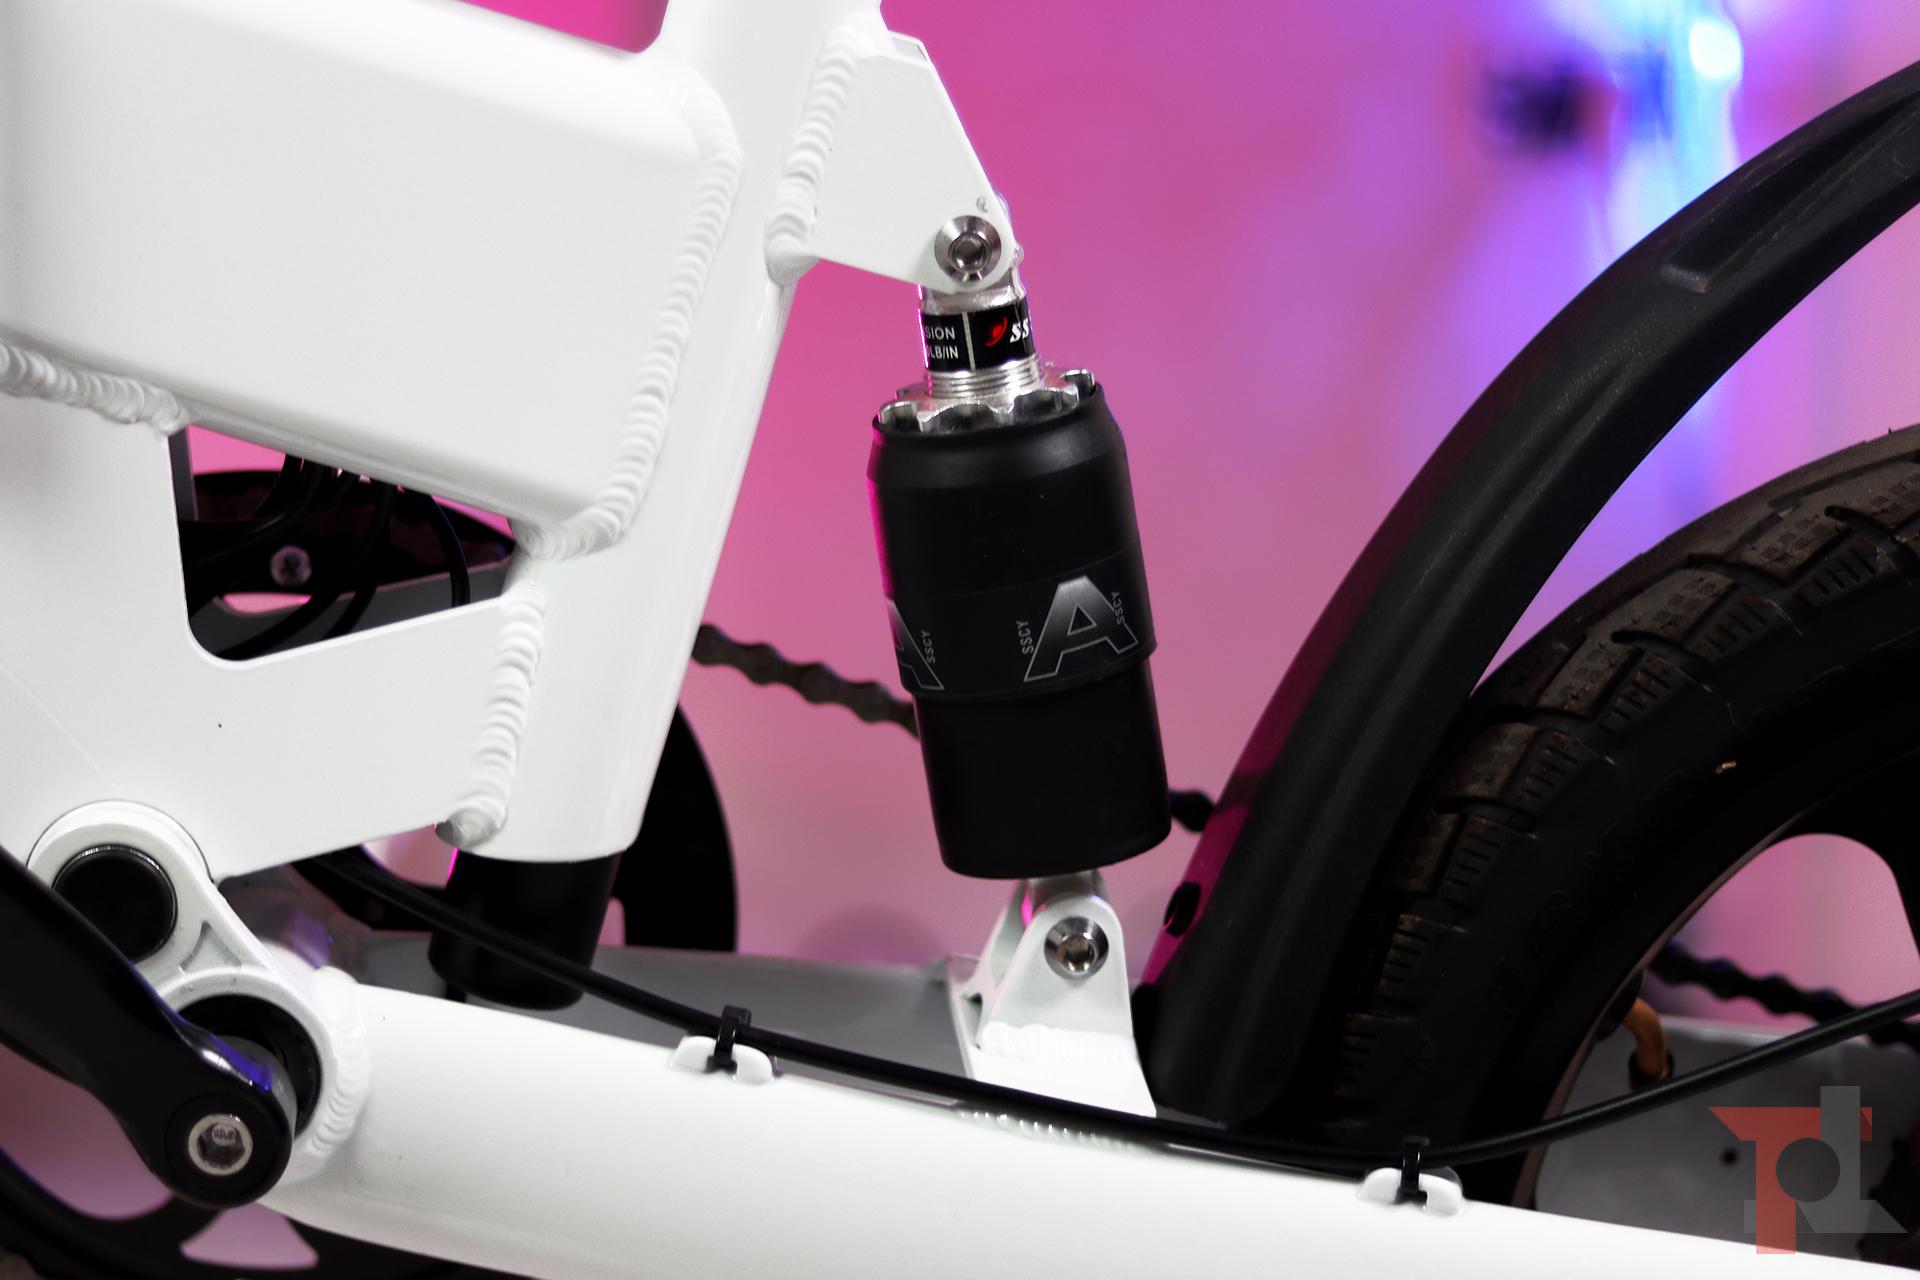 ADO A16 è la nuova bici elettrica per la città: low cost ma senza rinunce e con tanti extra 2